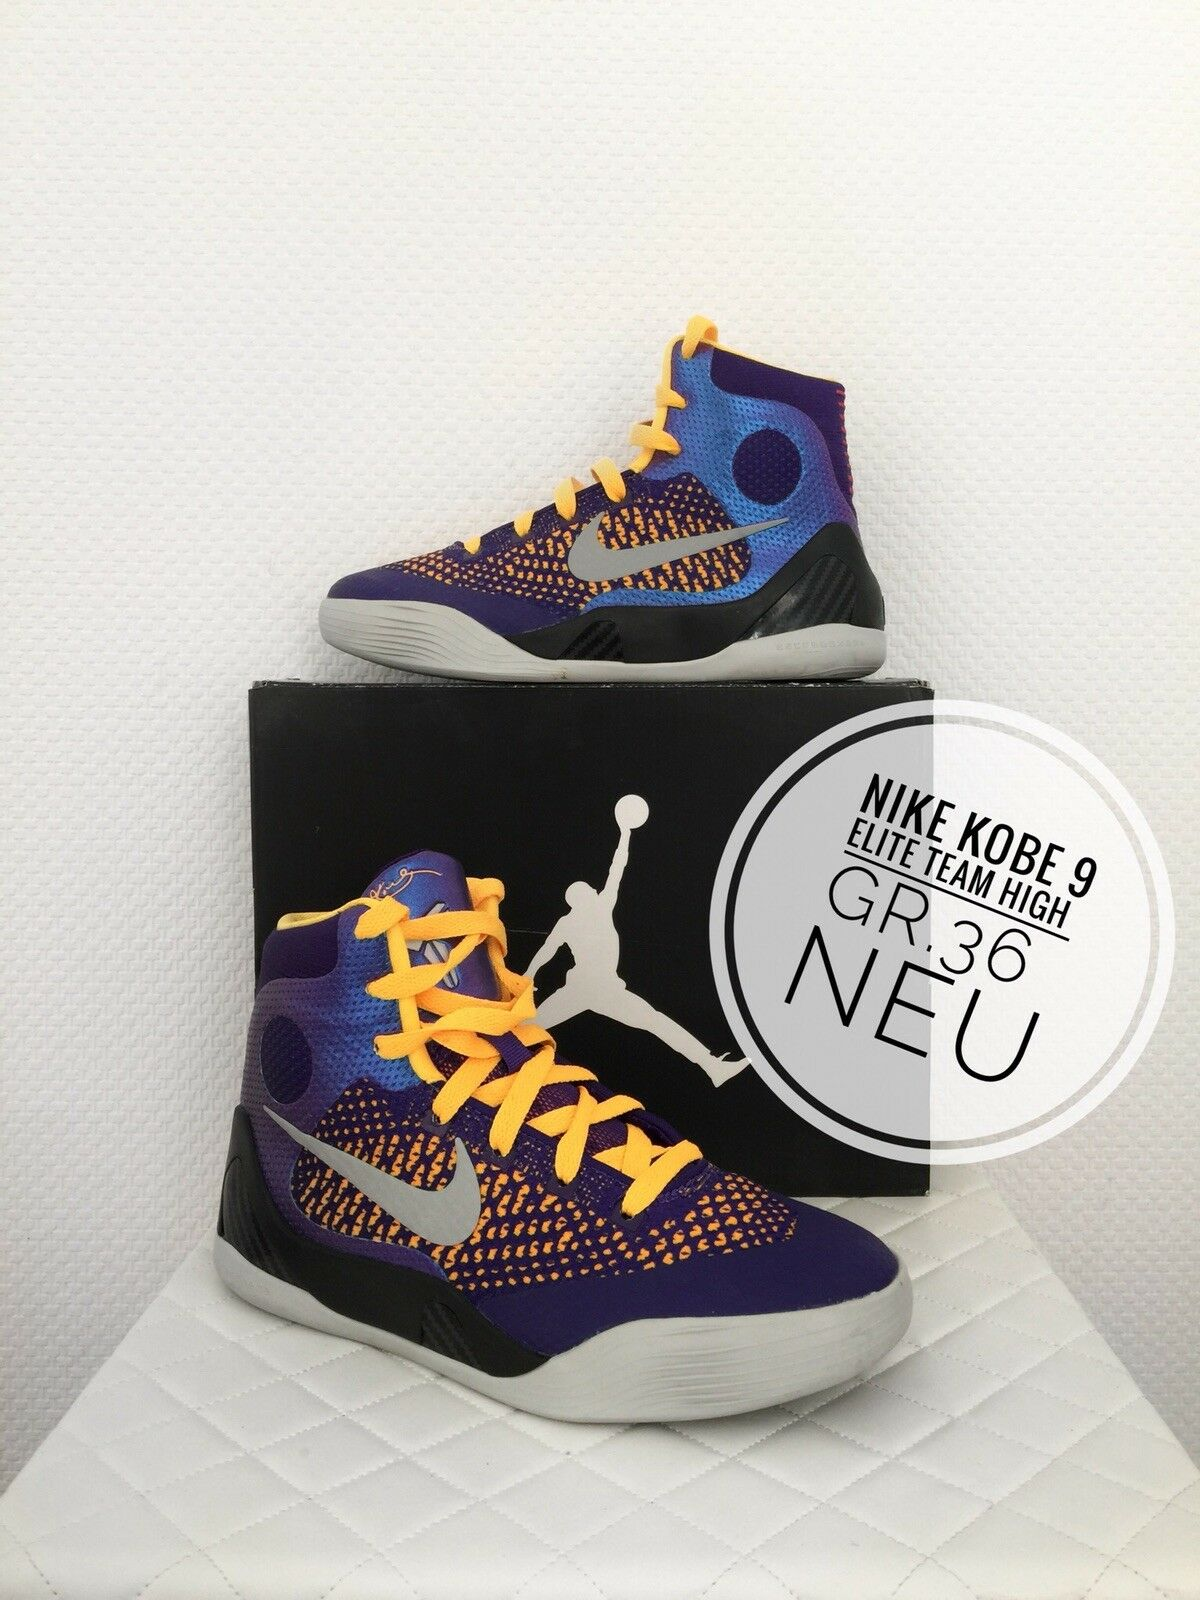 19f3a9ef07a4 kobe bryant Sneaker Nike Kobe IX Elite GS GS GS 36 Kids Women NBA La Lakers